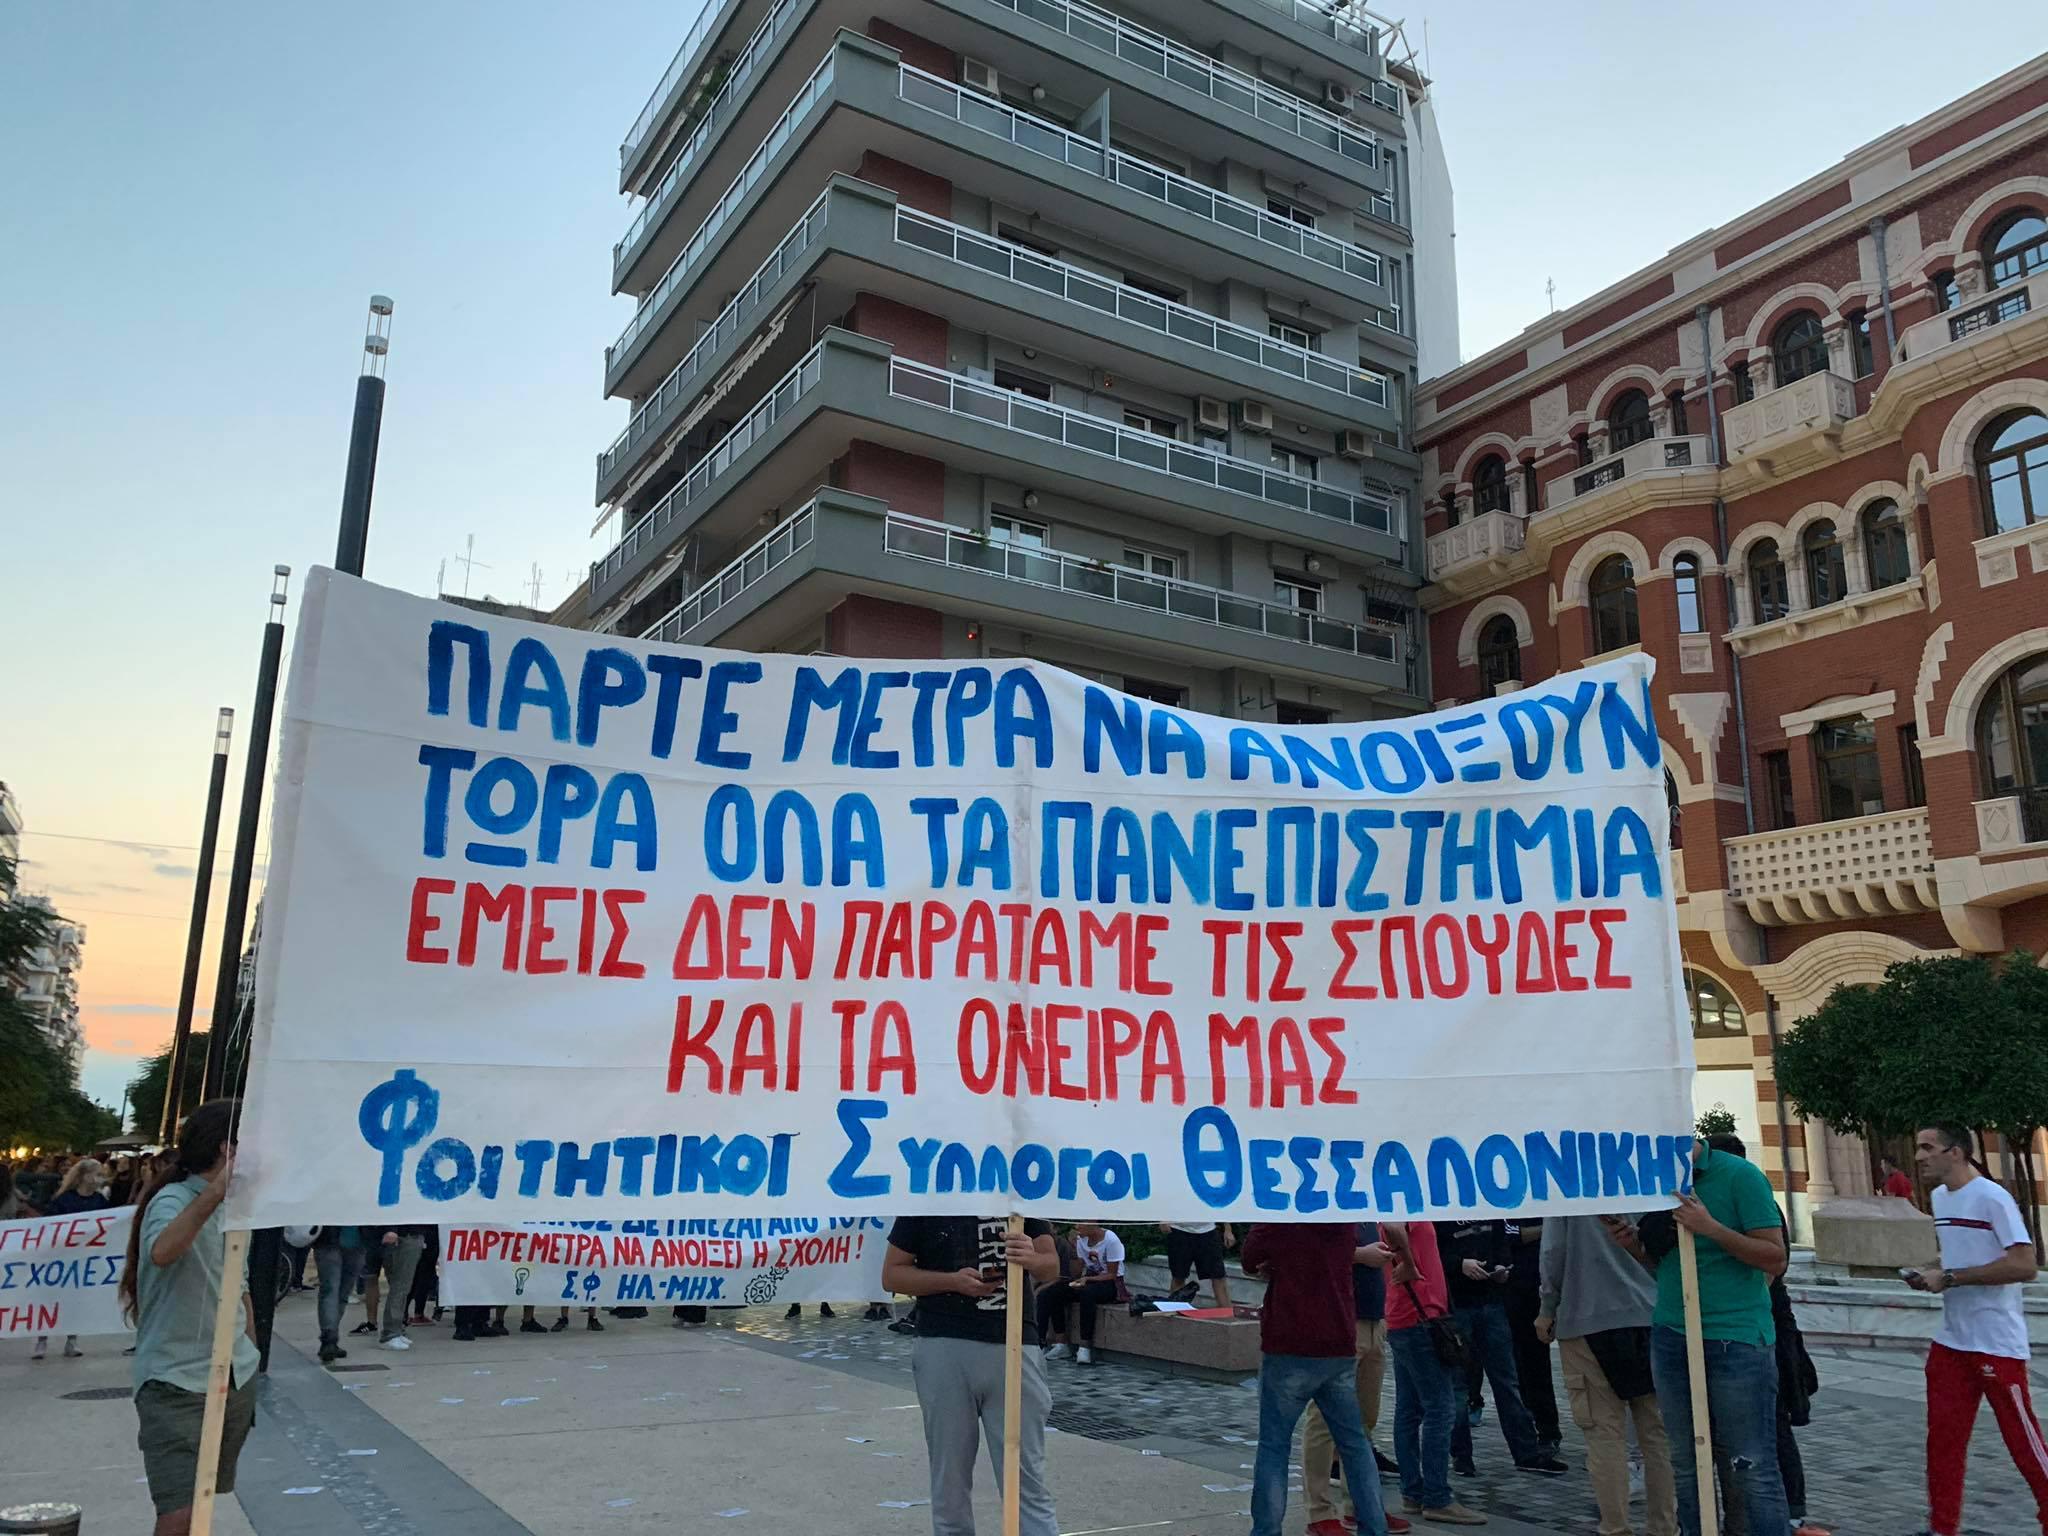 Φοιτητικό συλλαλητήριο στο κέντρο της Θεσσαλονίκης για τα μέτρα στα πανεπιστήμια εξαιτίας του κοροναϊού, φωτογραφία-1